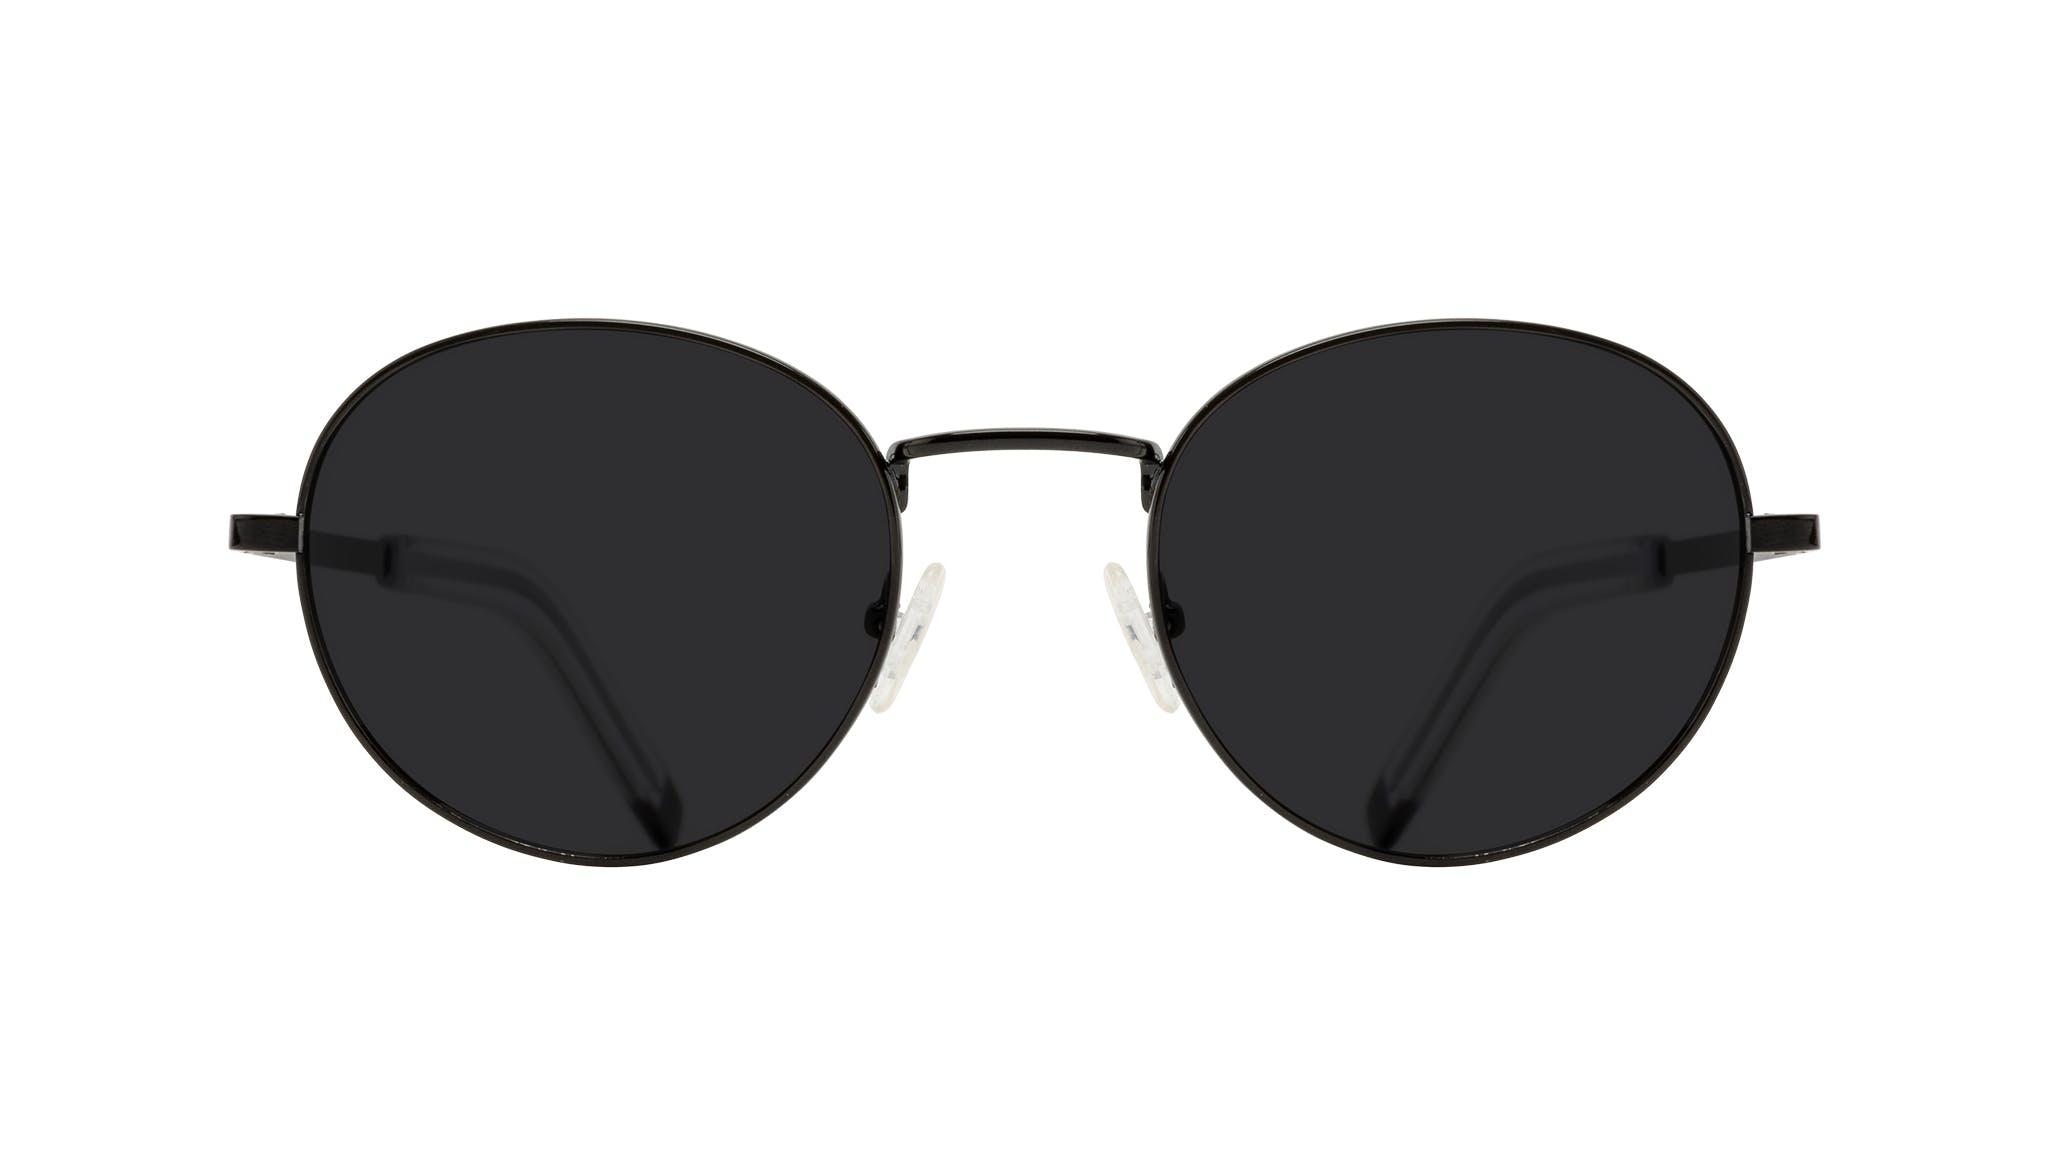 Lunettes tendance Ronde Lunettes de soleil Hommes Lean XL Black